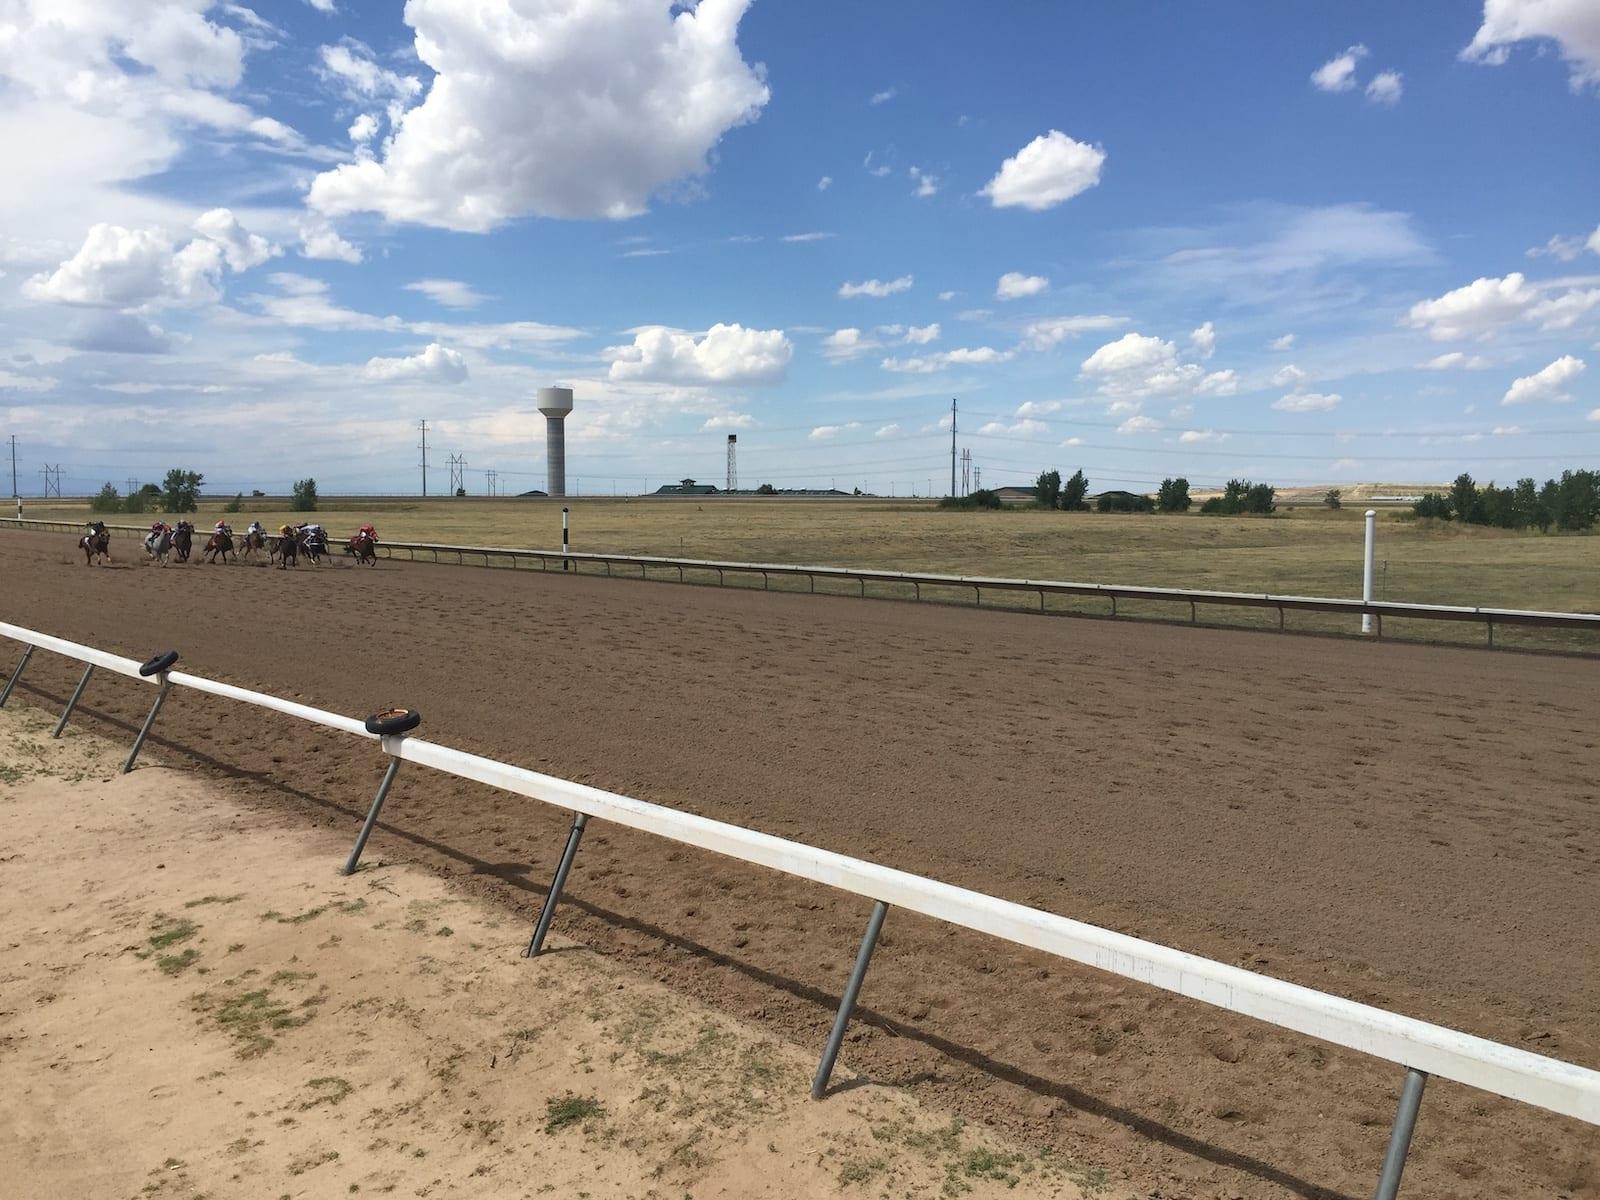 Horse Racing Arapahoe Park Racetrack Aurora CO